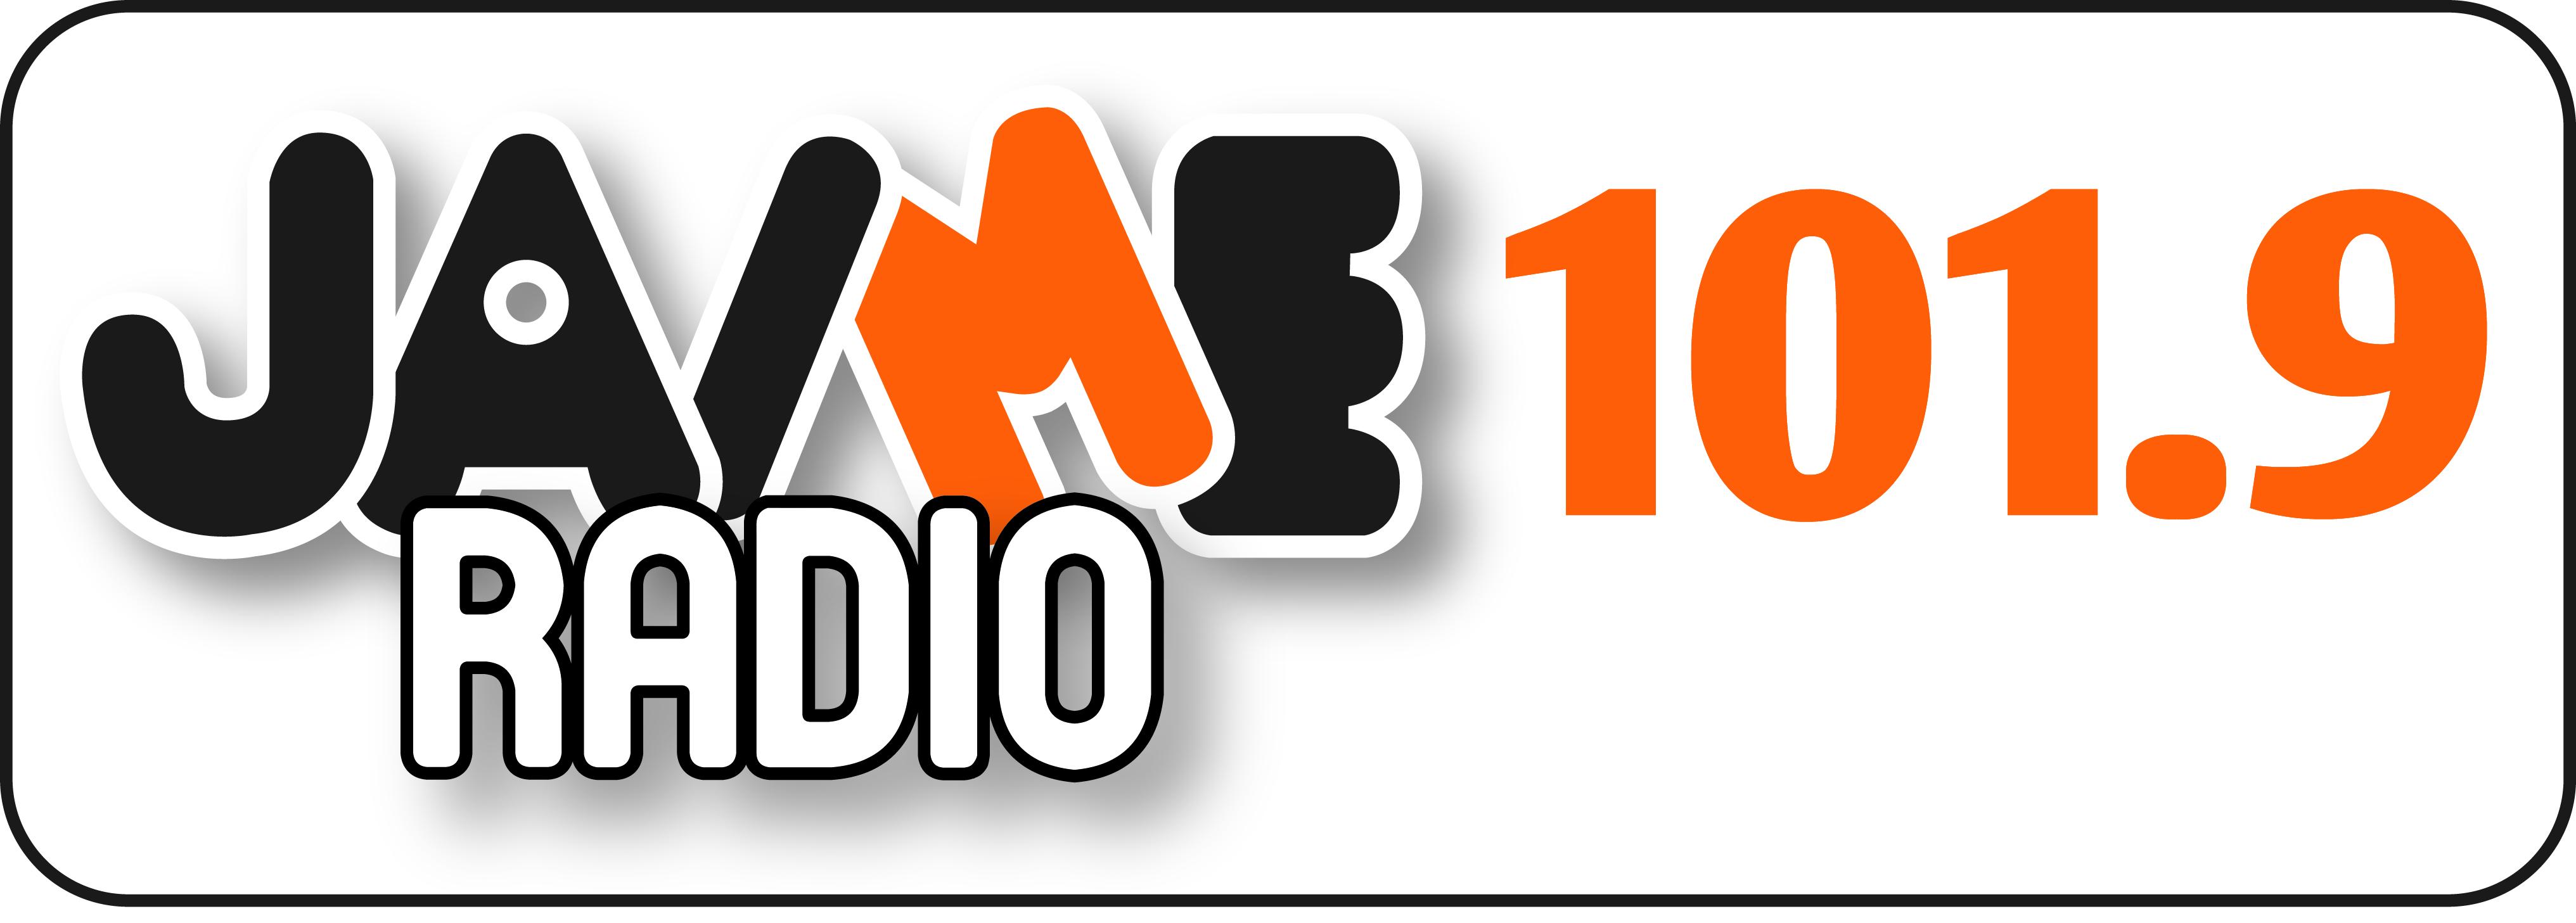 J'aime radio